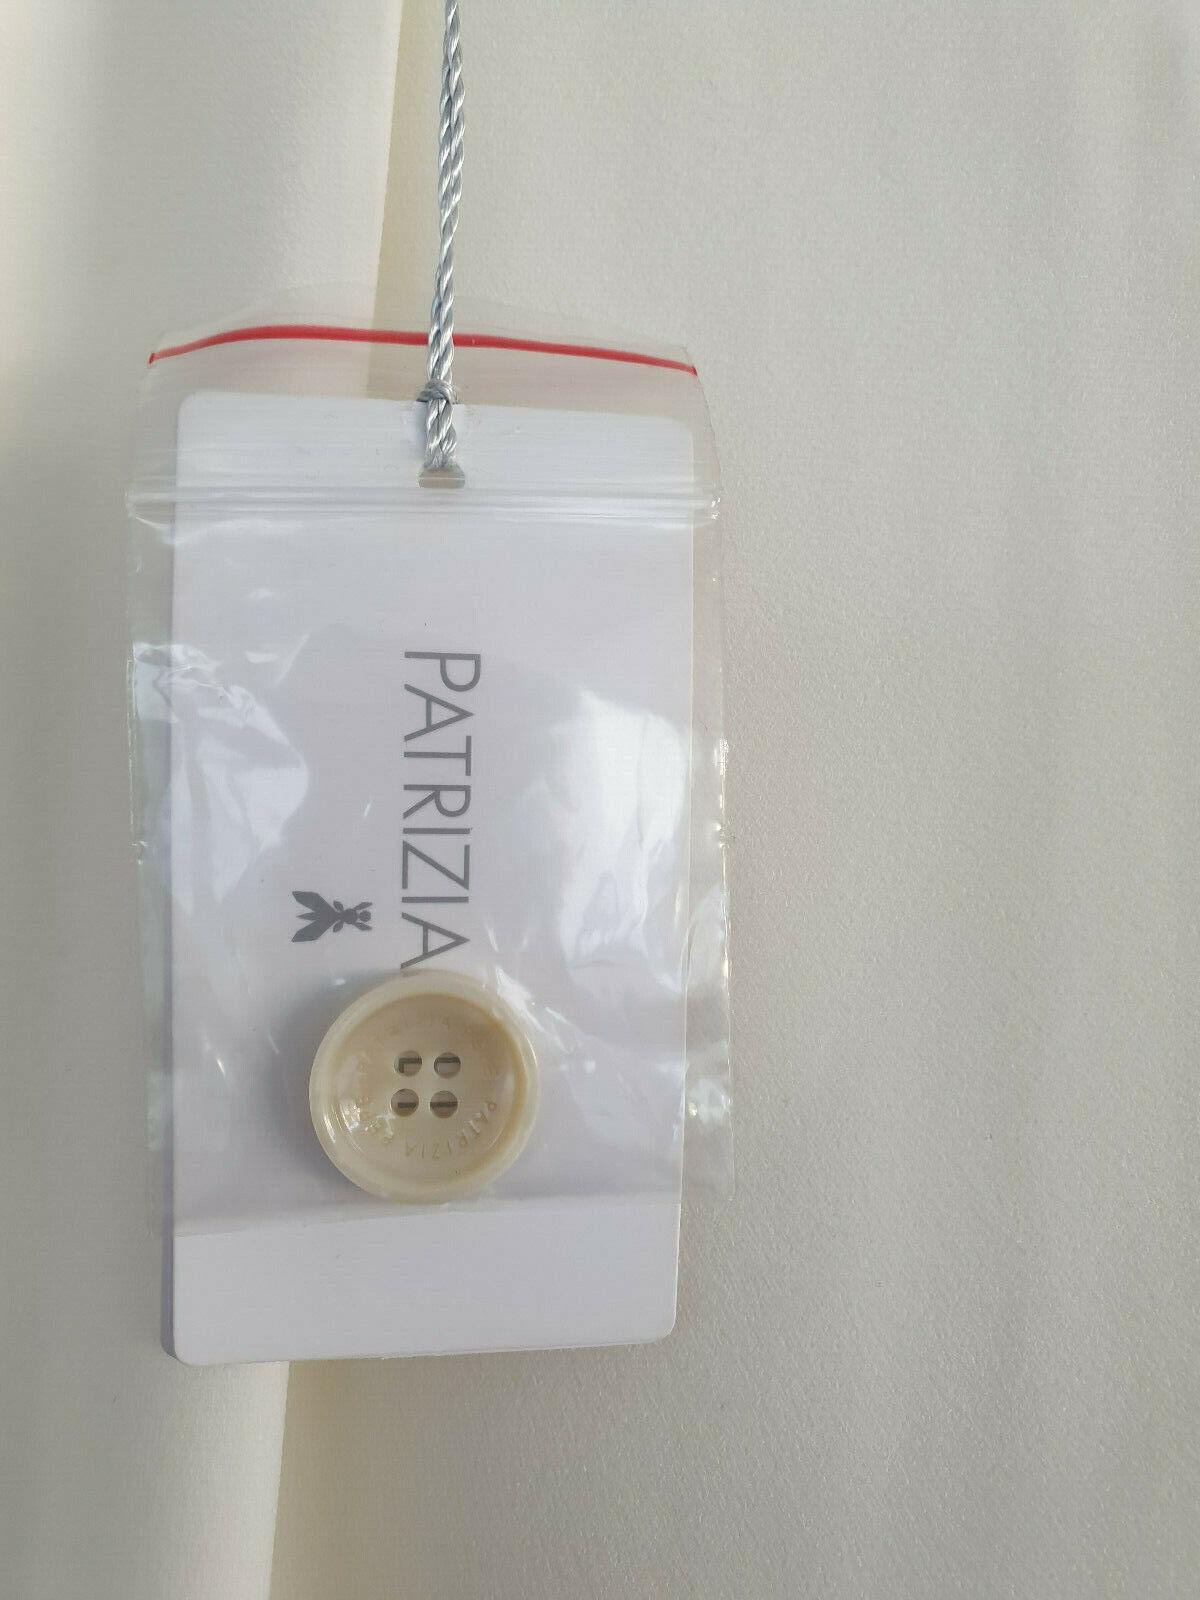 PANTALONE PANTALONE PANTALONE PATRIZIA PEPE DONNA PANTS TROUSERS 8P0068 AN99 W146 BIANCO ORIGINALI ea724a